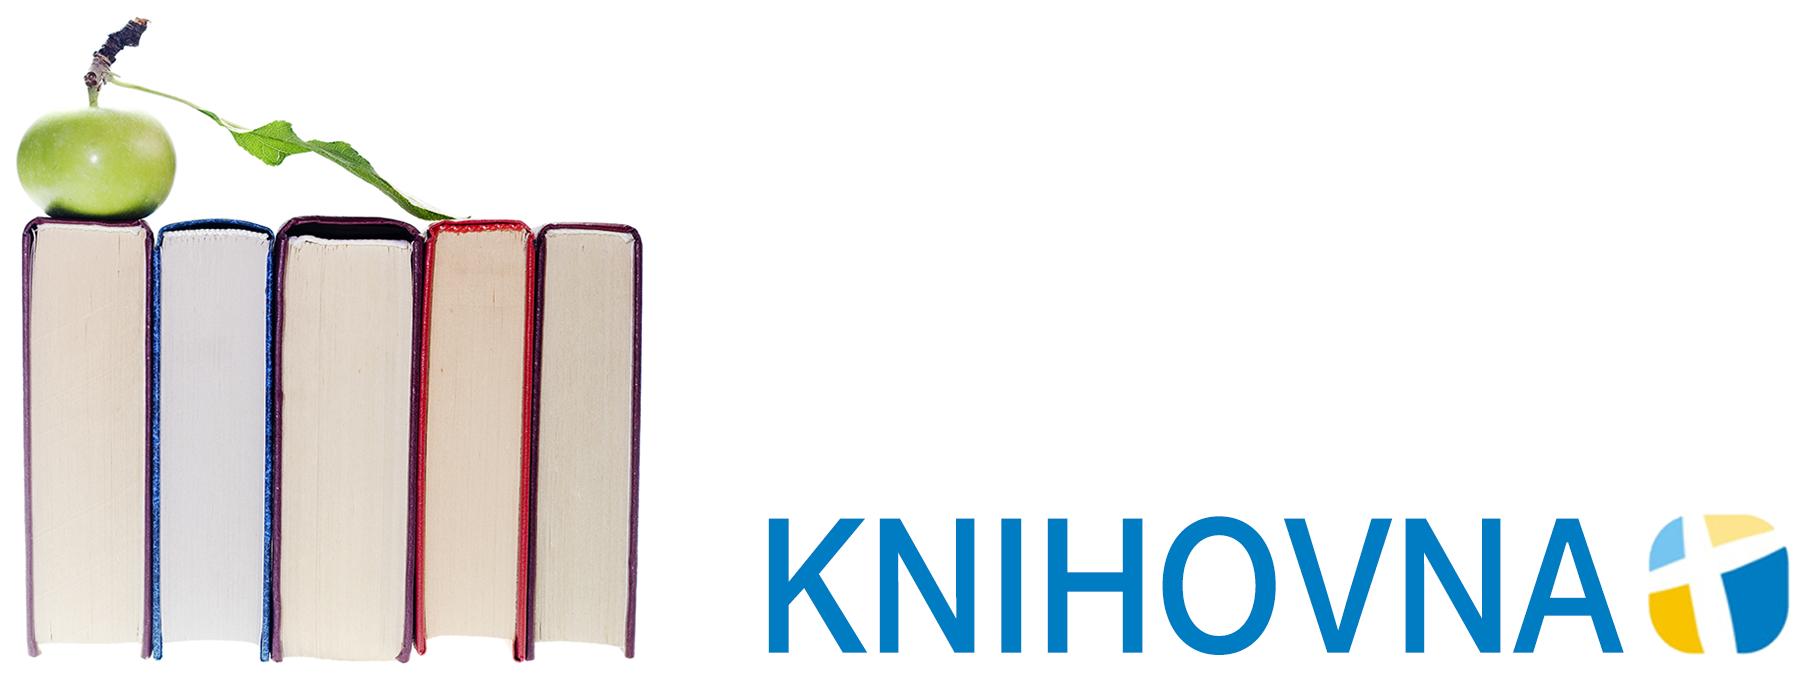 knihovna_kkc